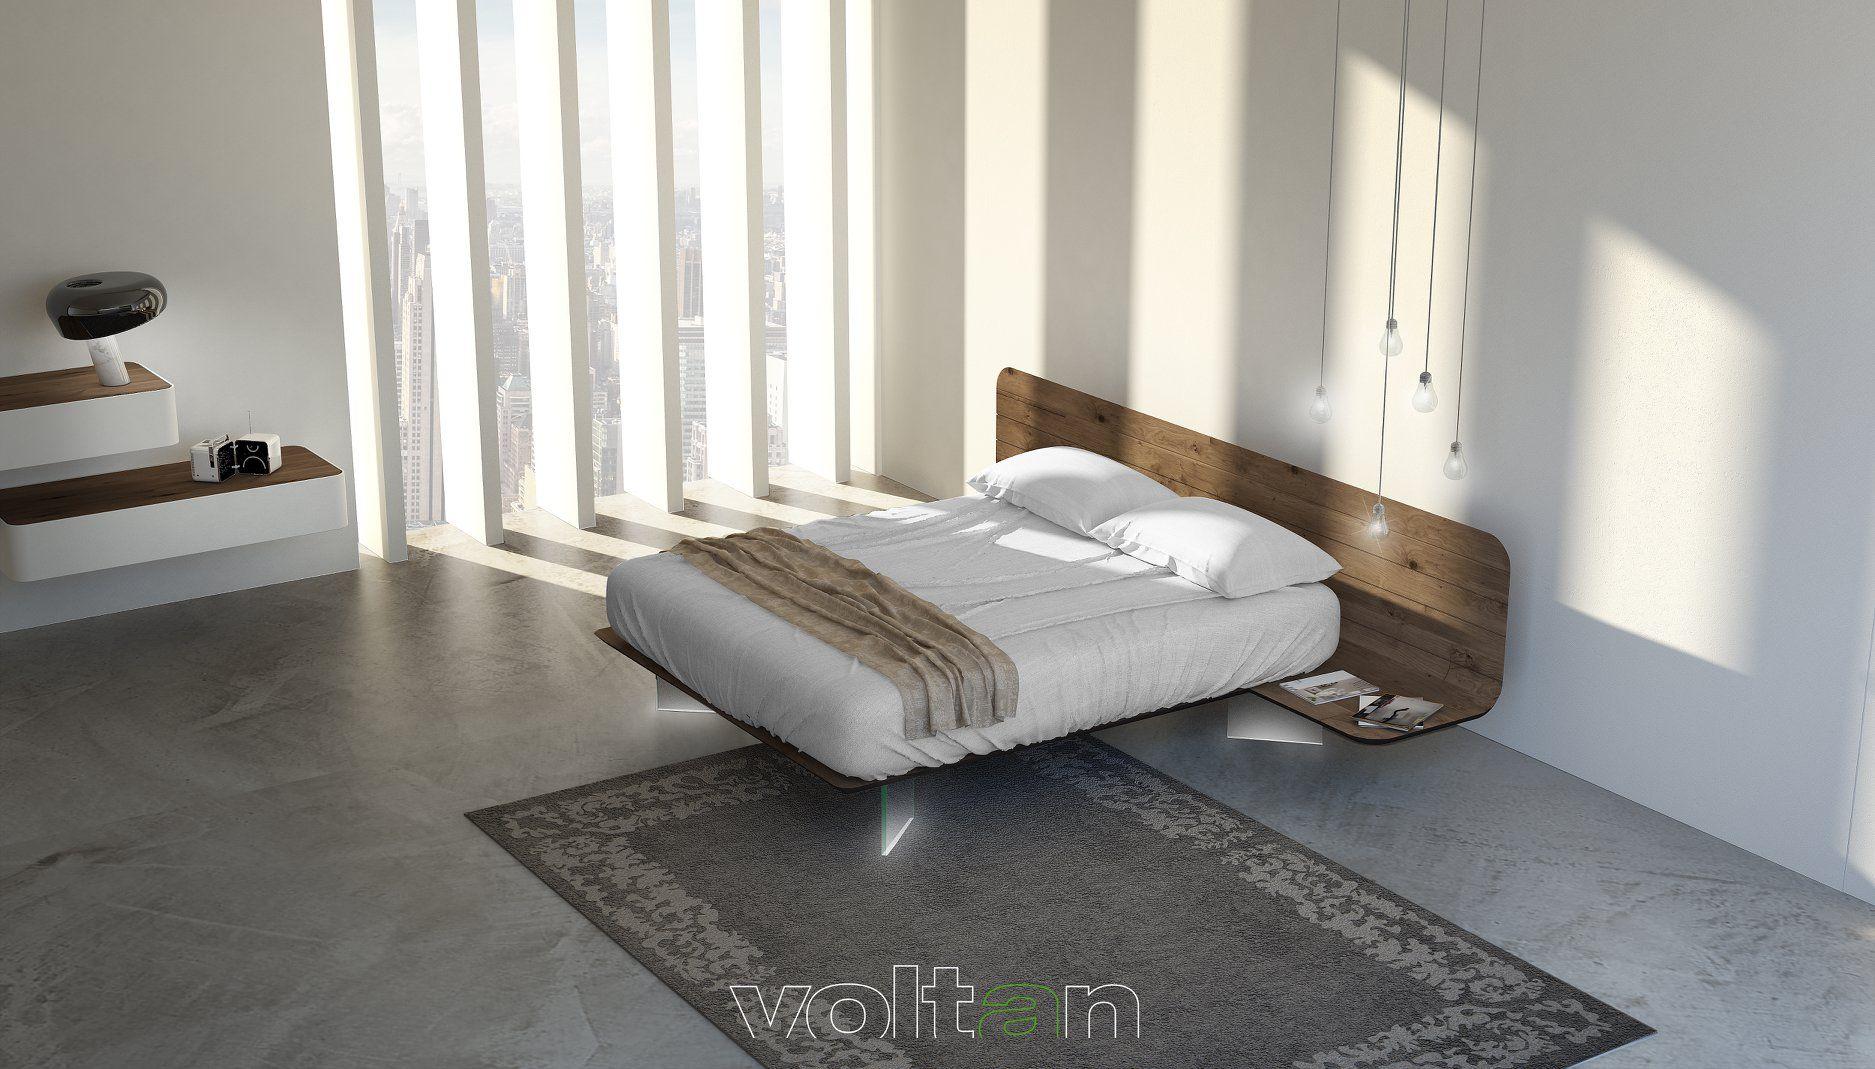 Camere Da Letto Moderne Con Comodini Sospesi.Nuovo Letto No Vo E Como Elite Sospesi Bedsidetable Nightable